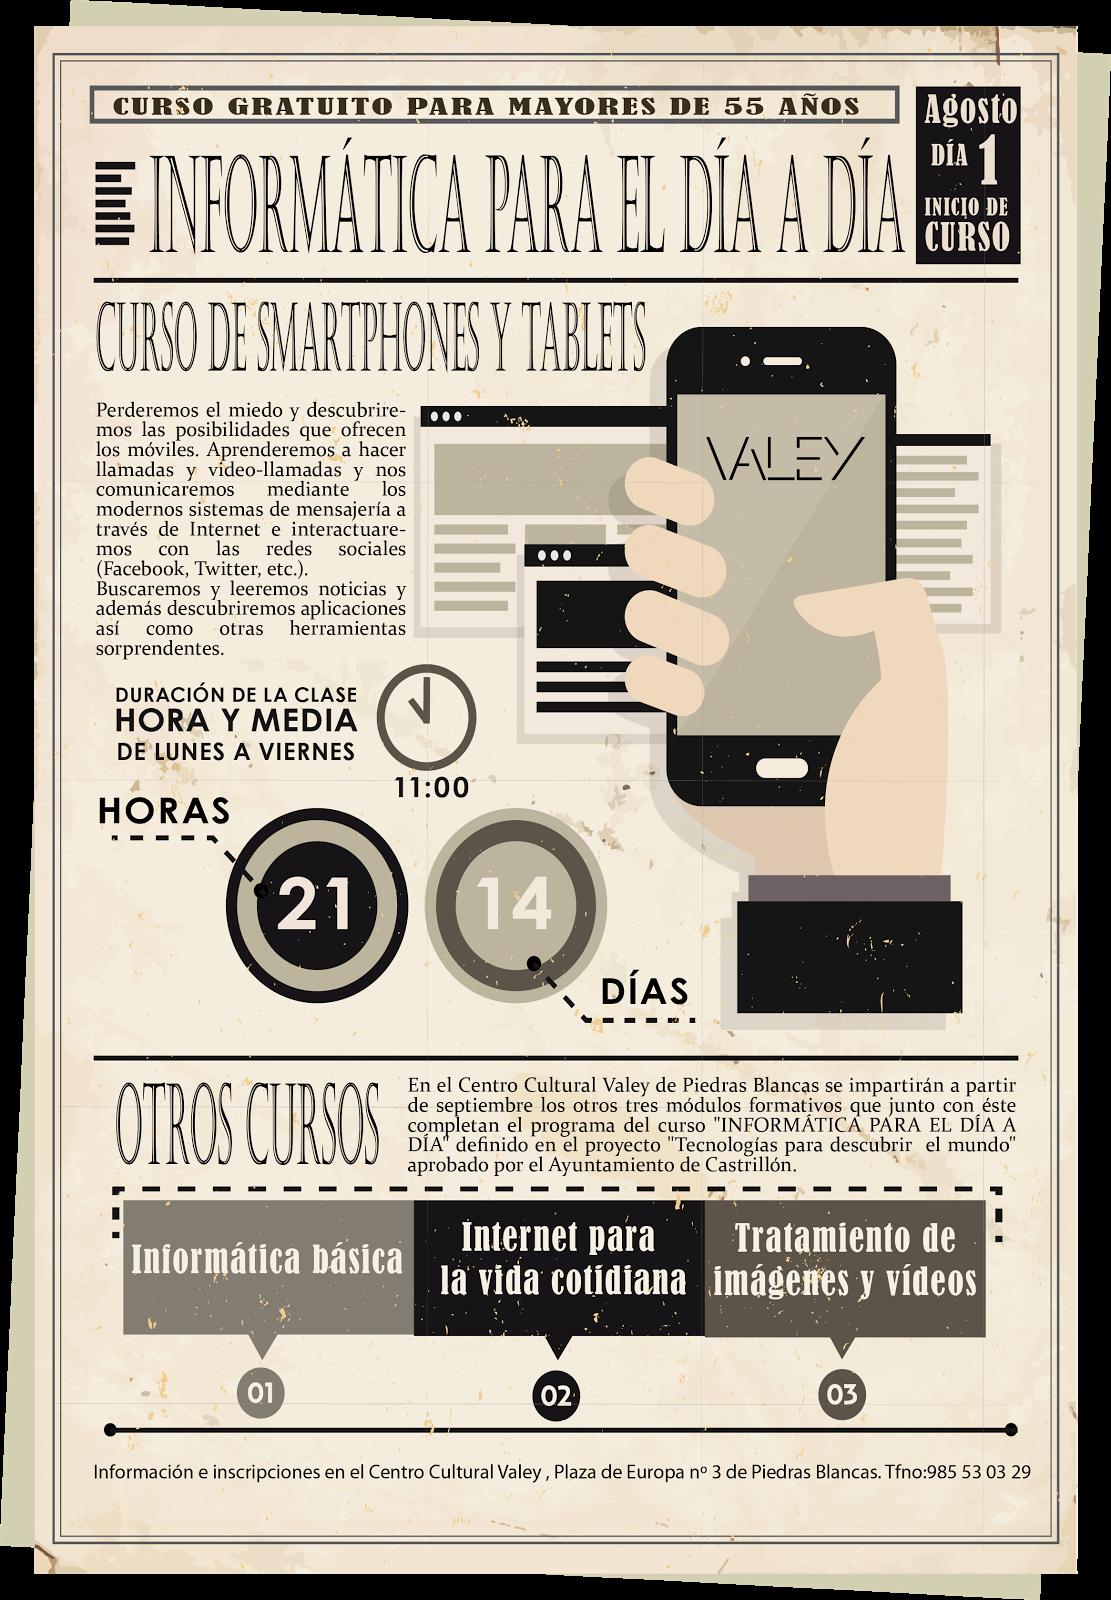 CURSO DE SMARTPHONES Y TABLETS